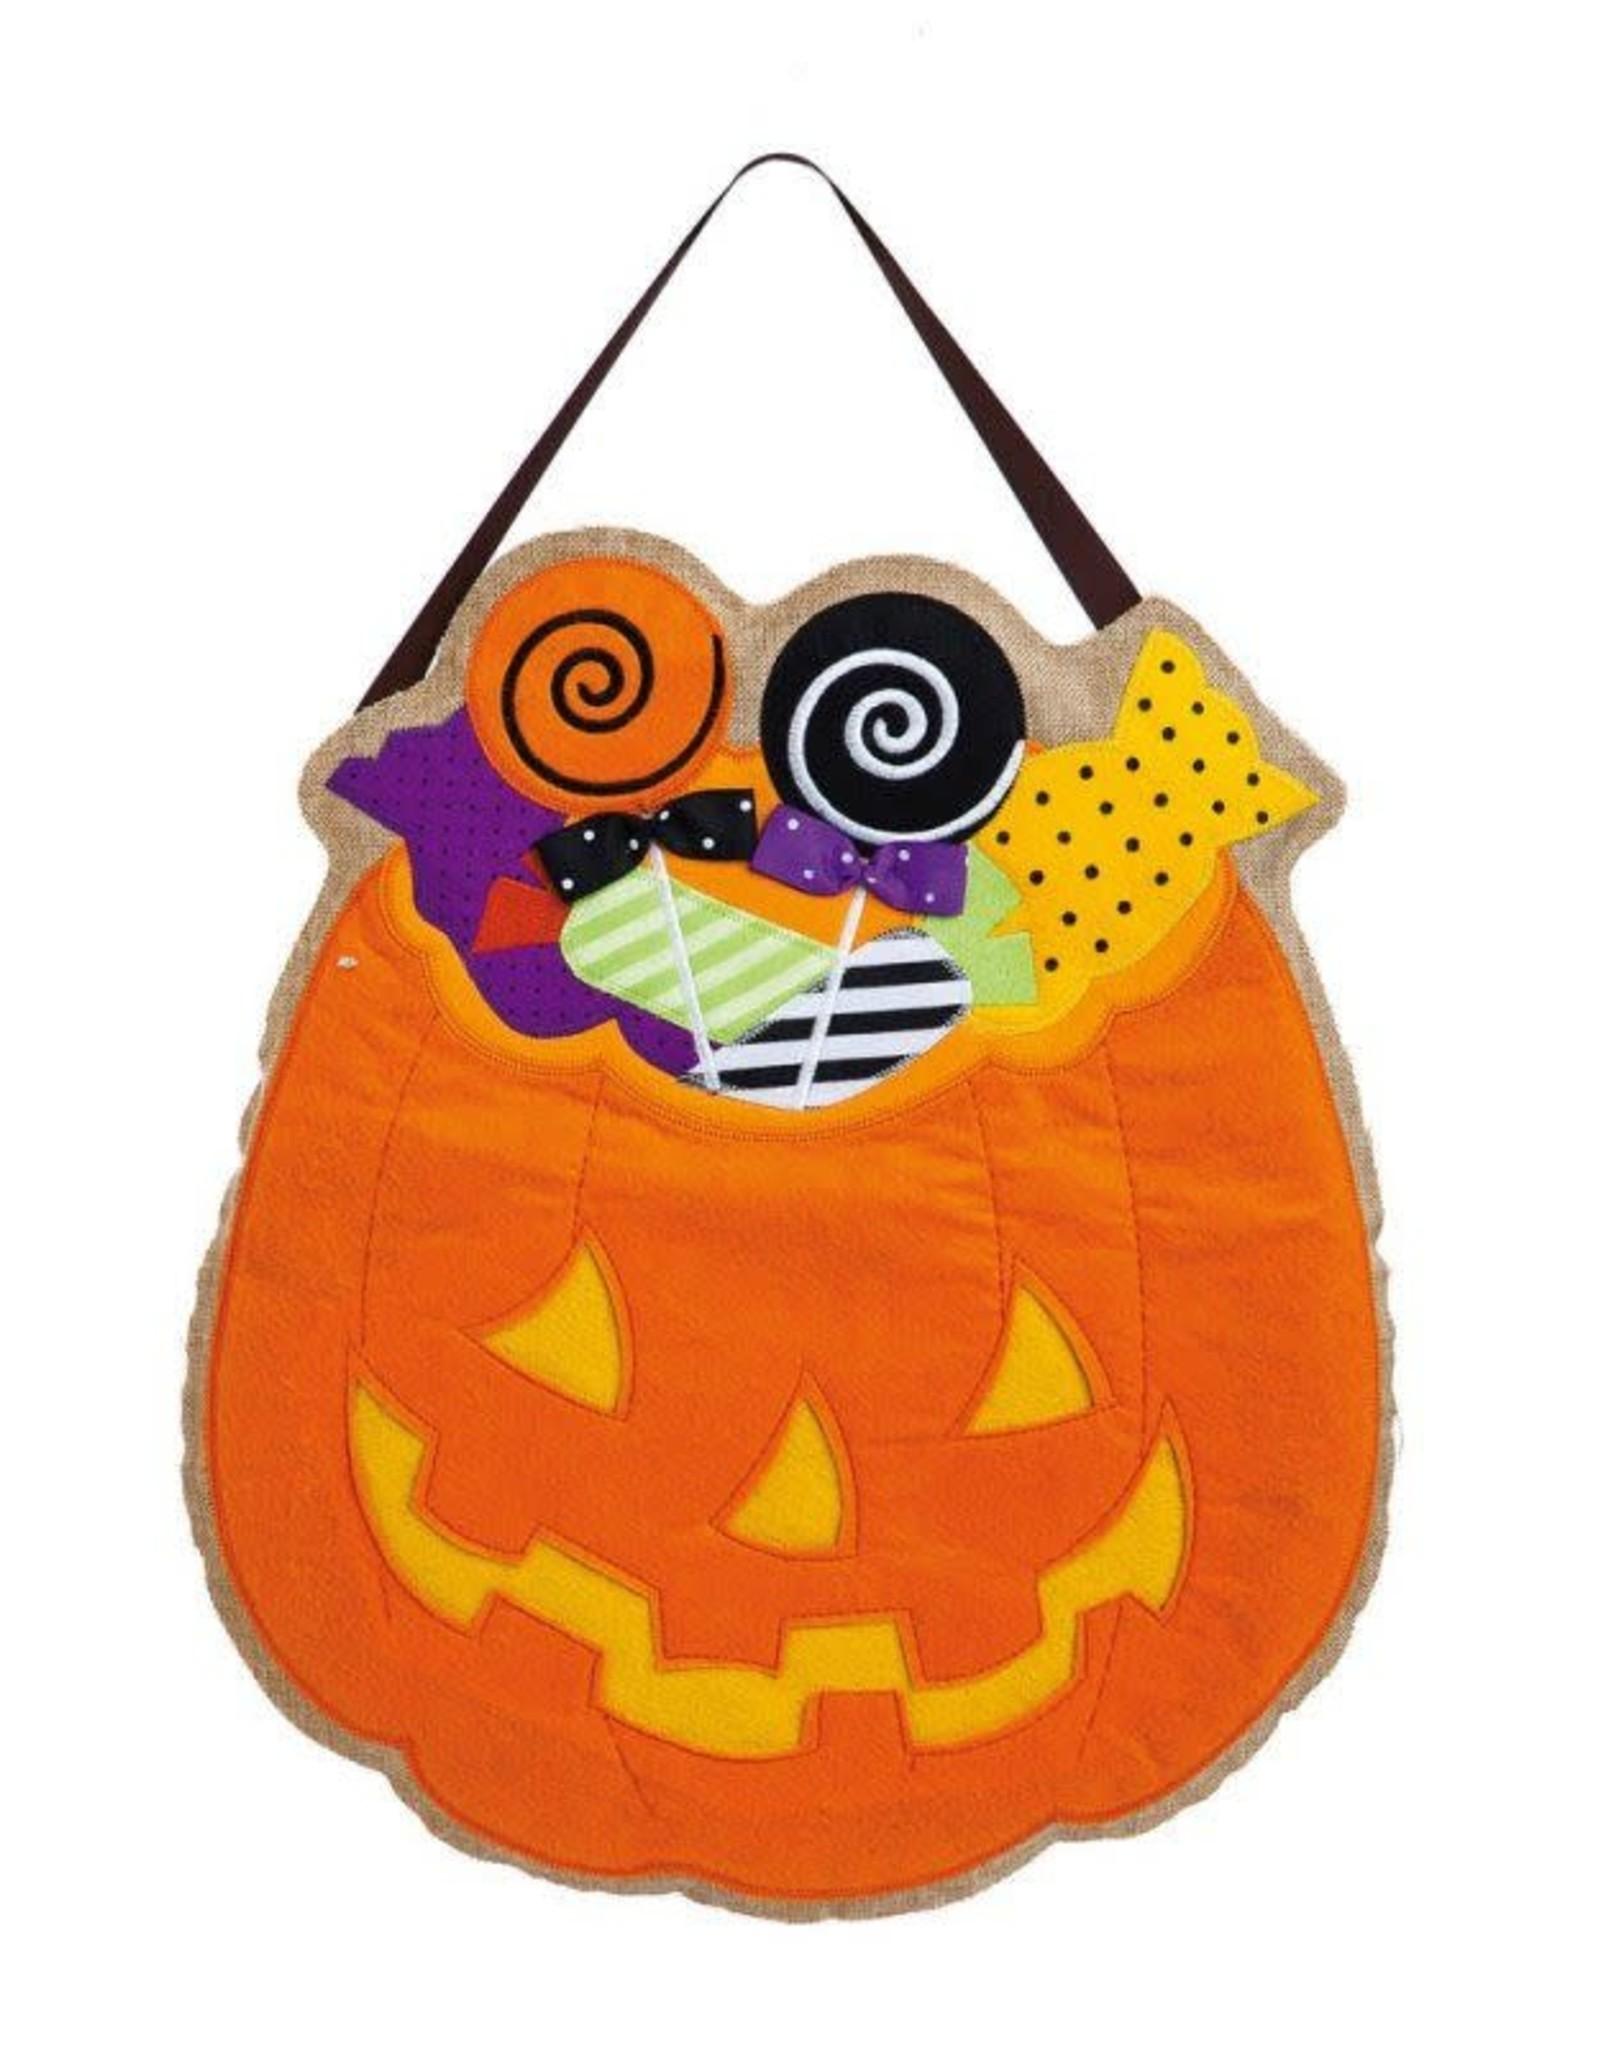 Evergreen Enterprises Halloween Candy Burlap Door Decor